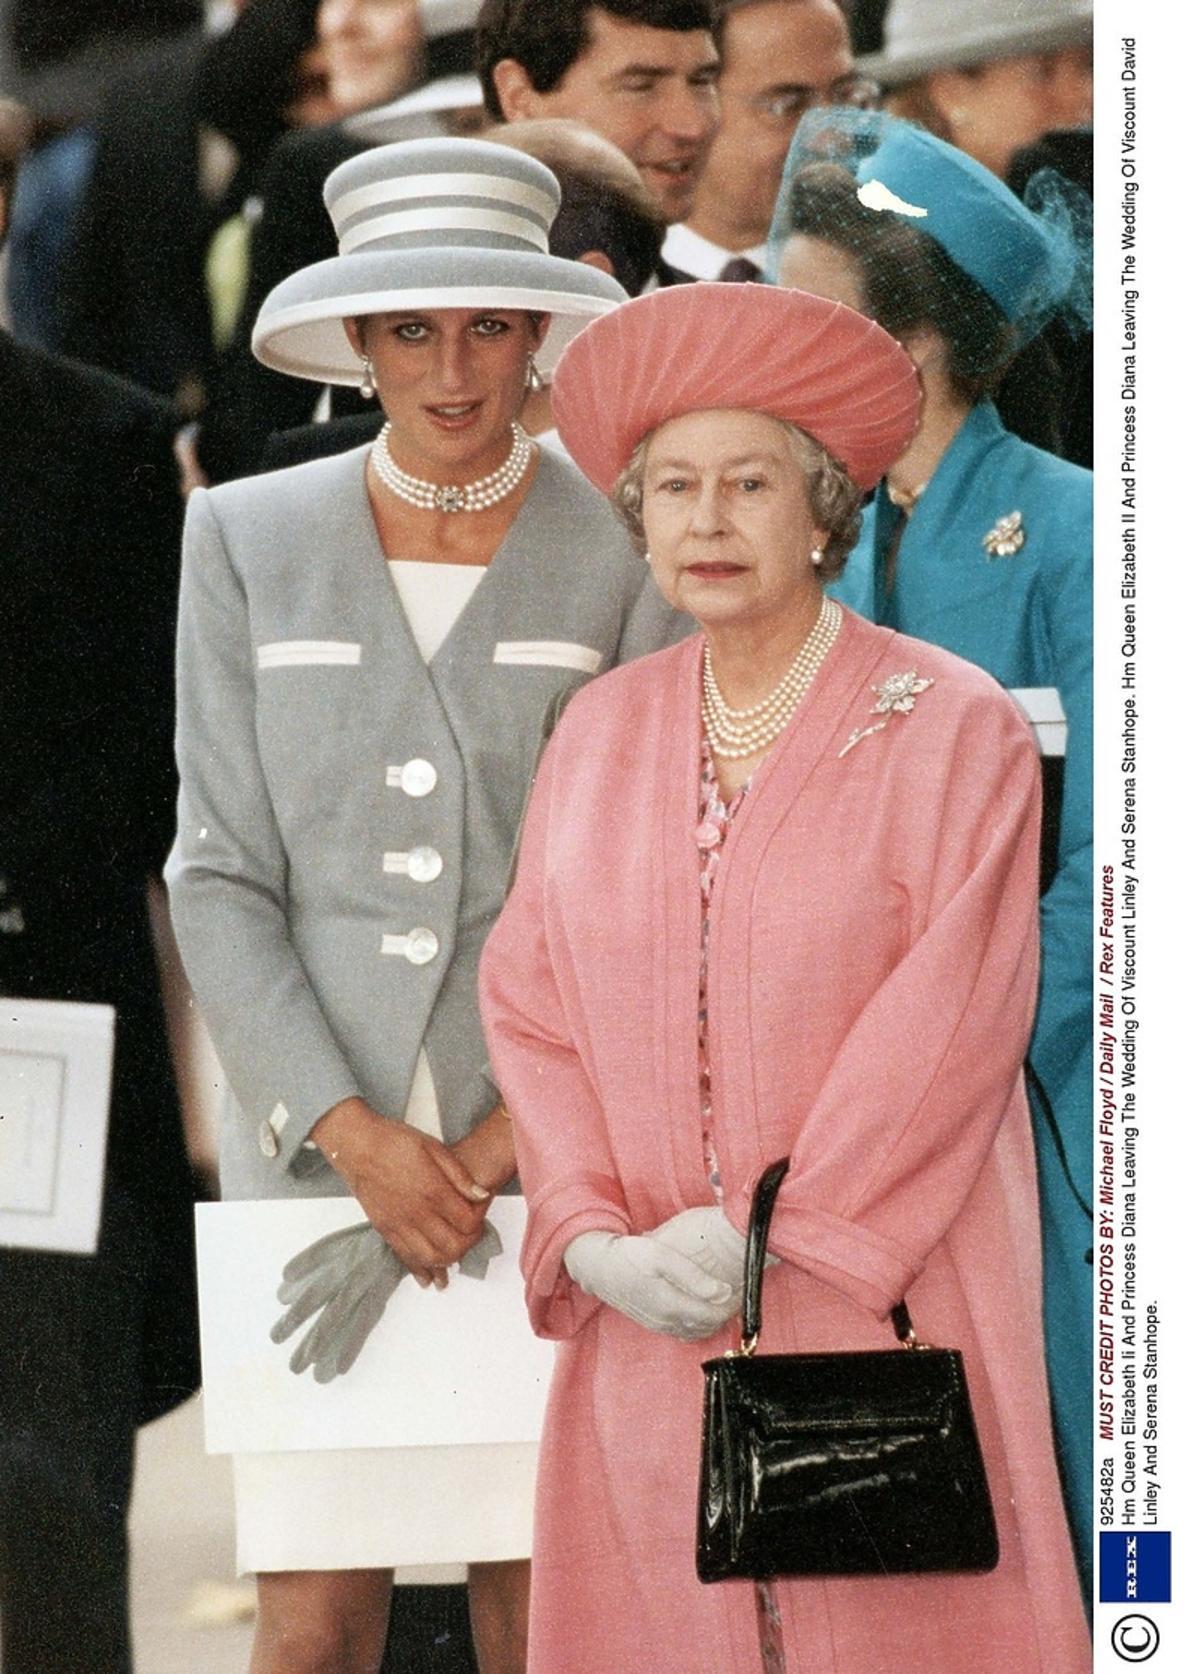 Elżbieta II i księżna Diana w Londynie podczas oficjalnych uroczystości